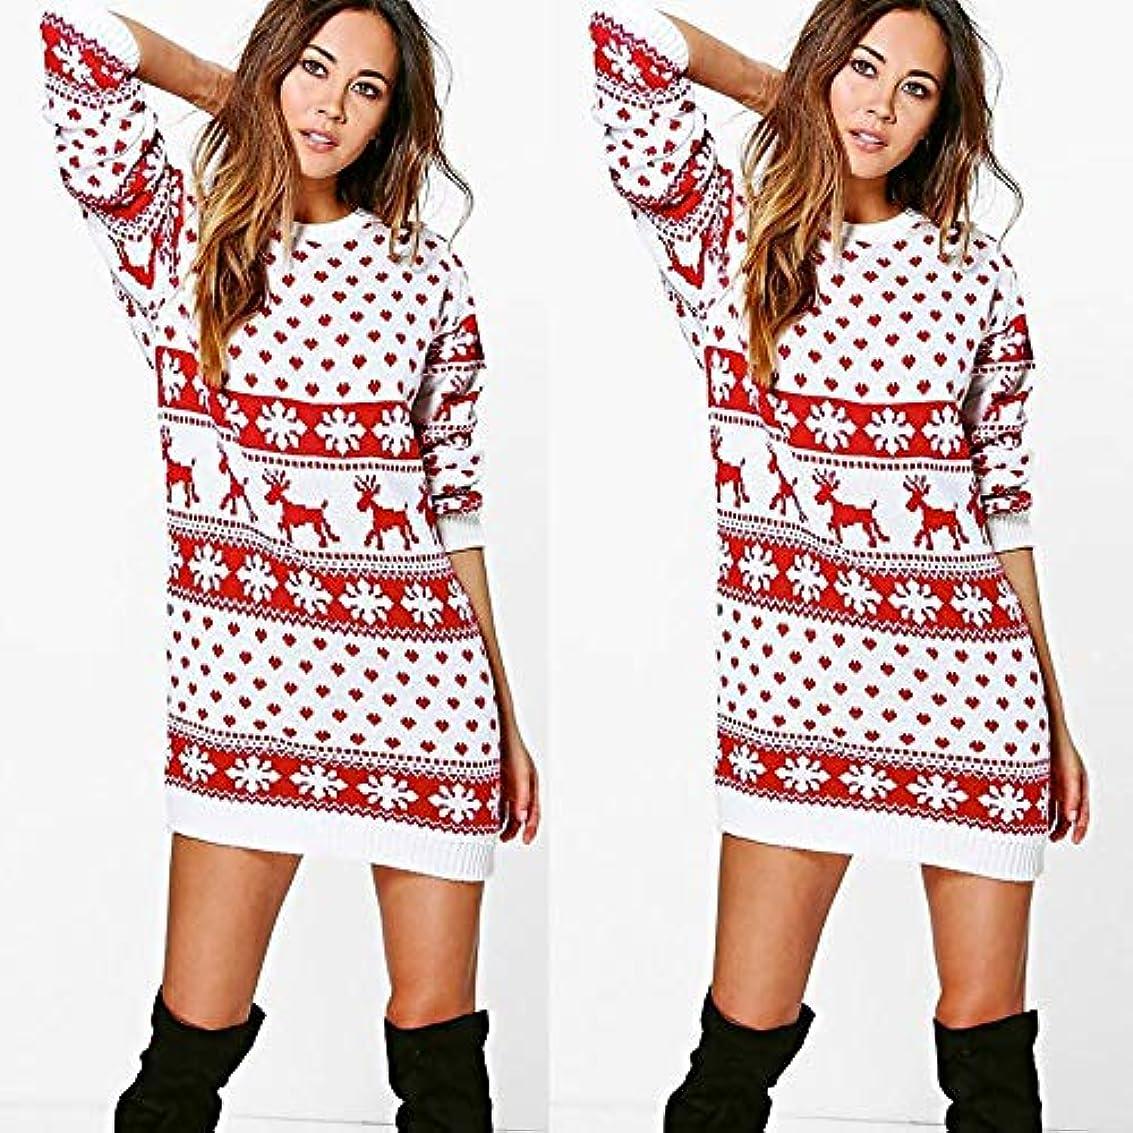 実際に定期的に重要な役割を果たす、中心的な手段となる[クリスマス] [ワンピース] レディース wileqep ミニスカート ワンピ スカート ドレス サンタ衣雪だるま [ サンタコスプレ] コスチューム コスプレ衣装 レース イベント おもしろ 仮装 ゲーム かわいい...